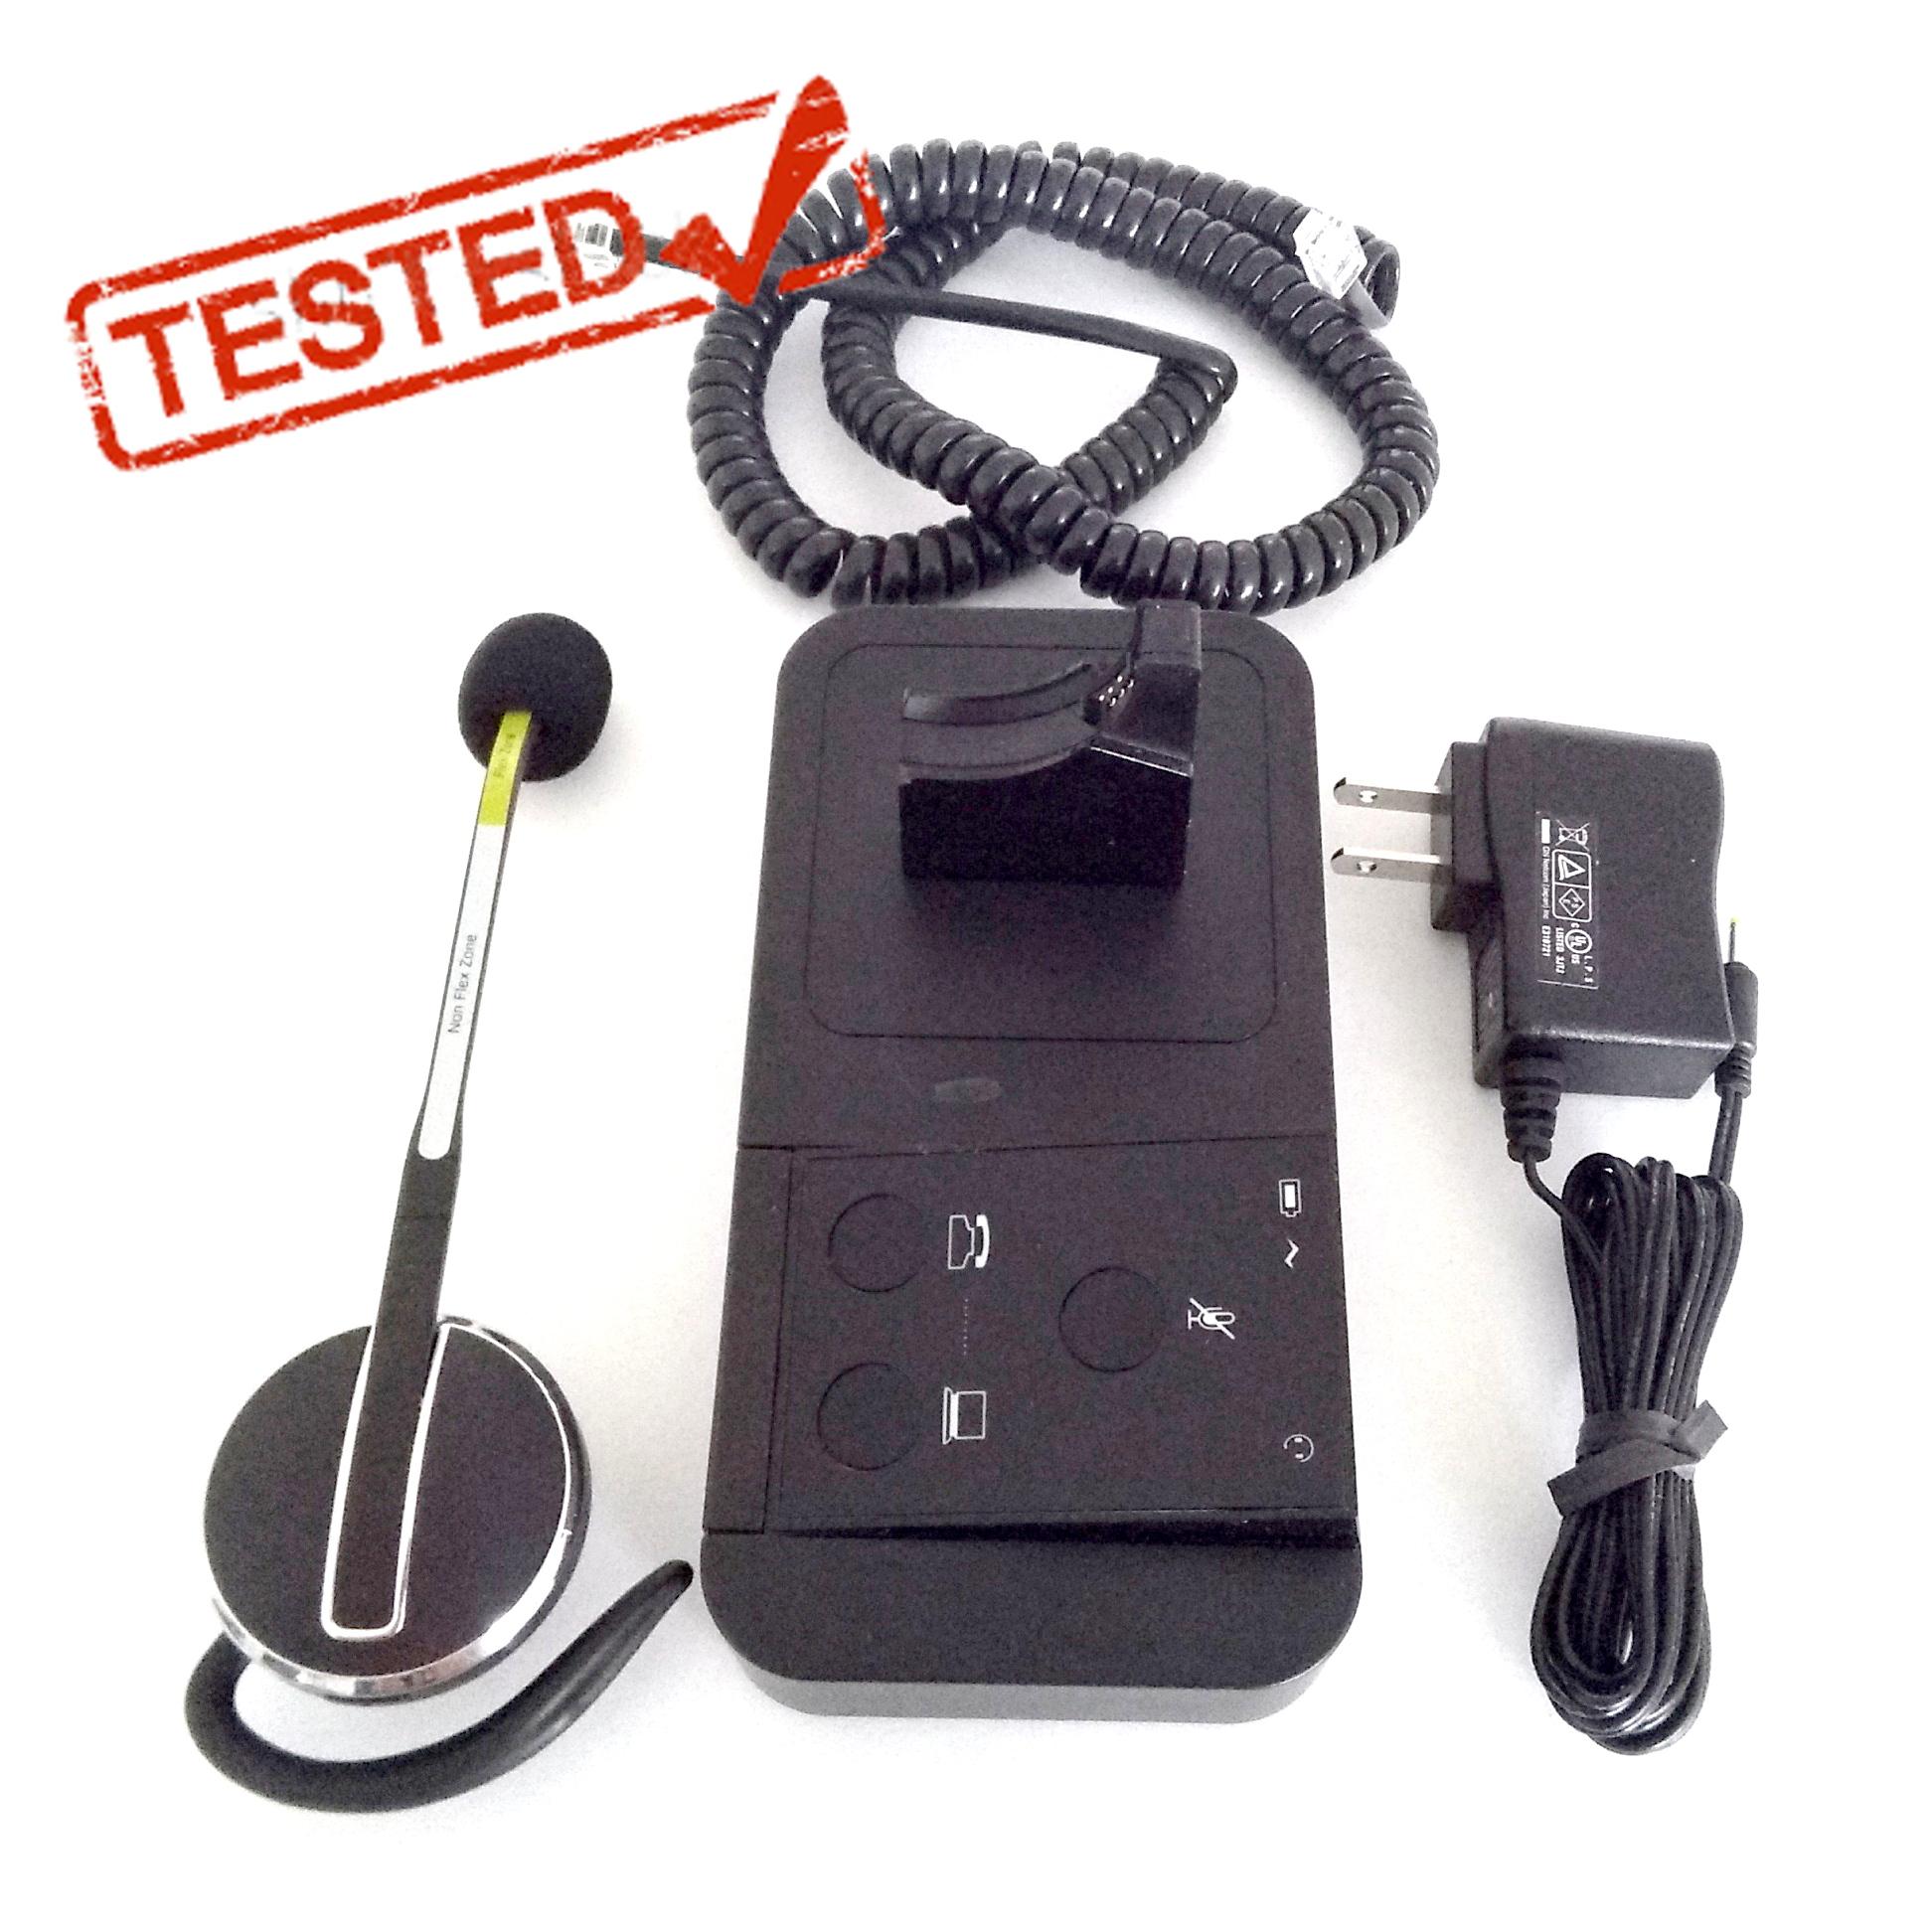 Jabra PRO 9450 Flex Mono Noise Canceling Wireless Earhook Headset